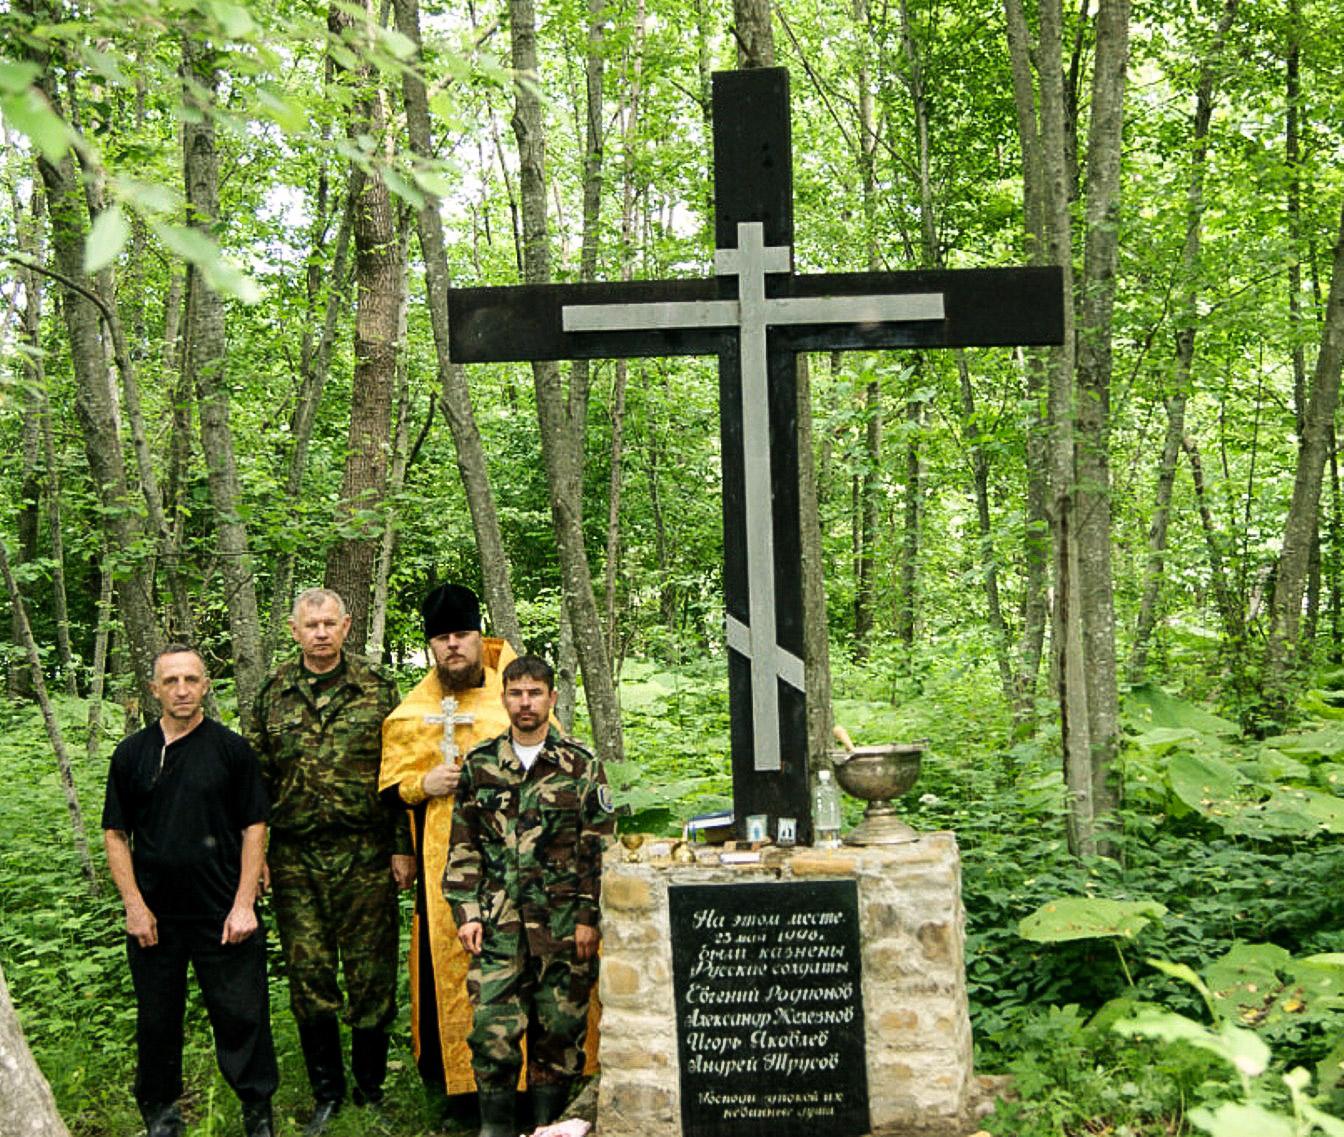 Евгений родионов казнь фото